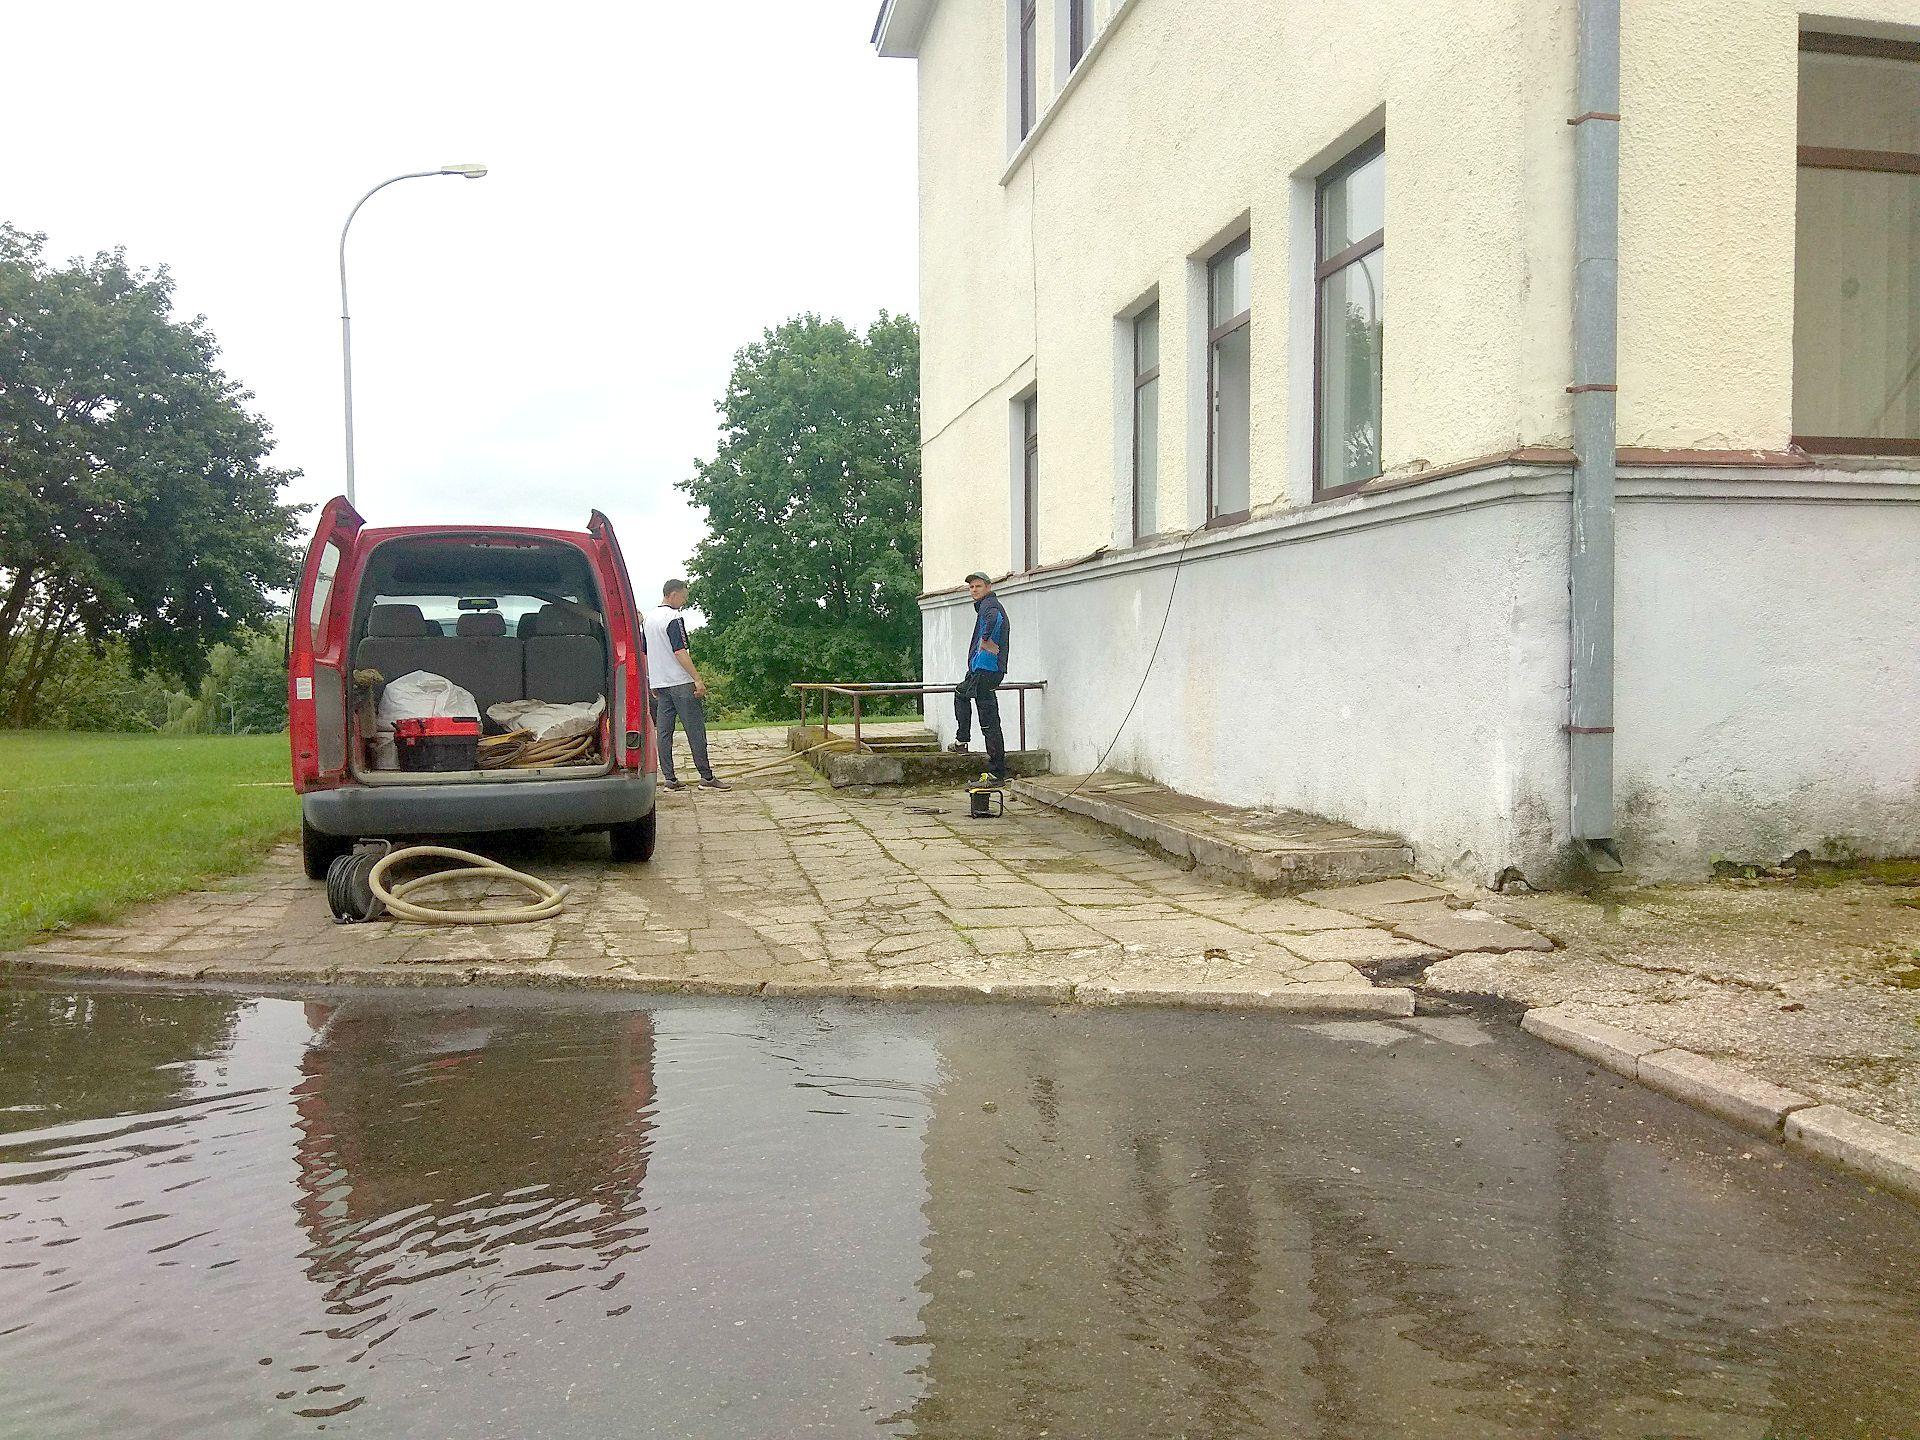 Dėl liūties didelių nuostolių patyrė ir Kėdainių kultūros centras – po liūties buvo apsemtos centro rūsio patalpos. Dimitrijaus Kuprijanovo nuotr.